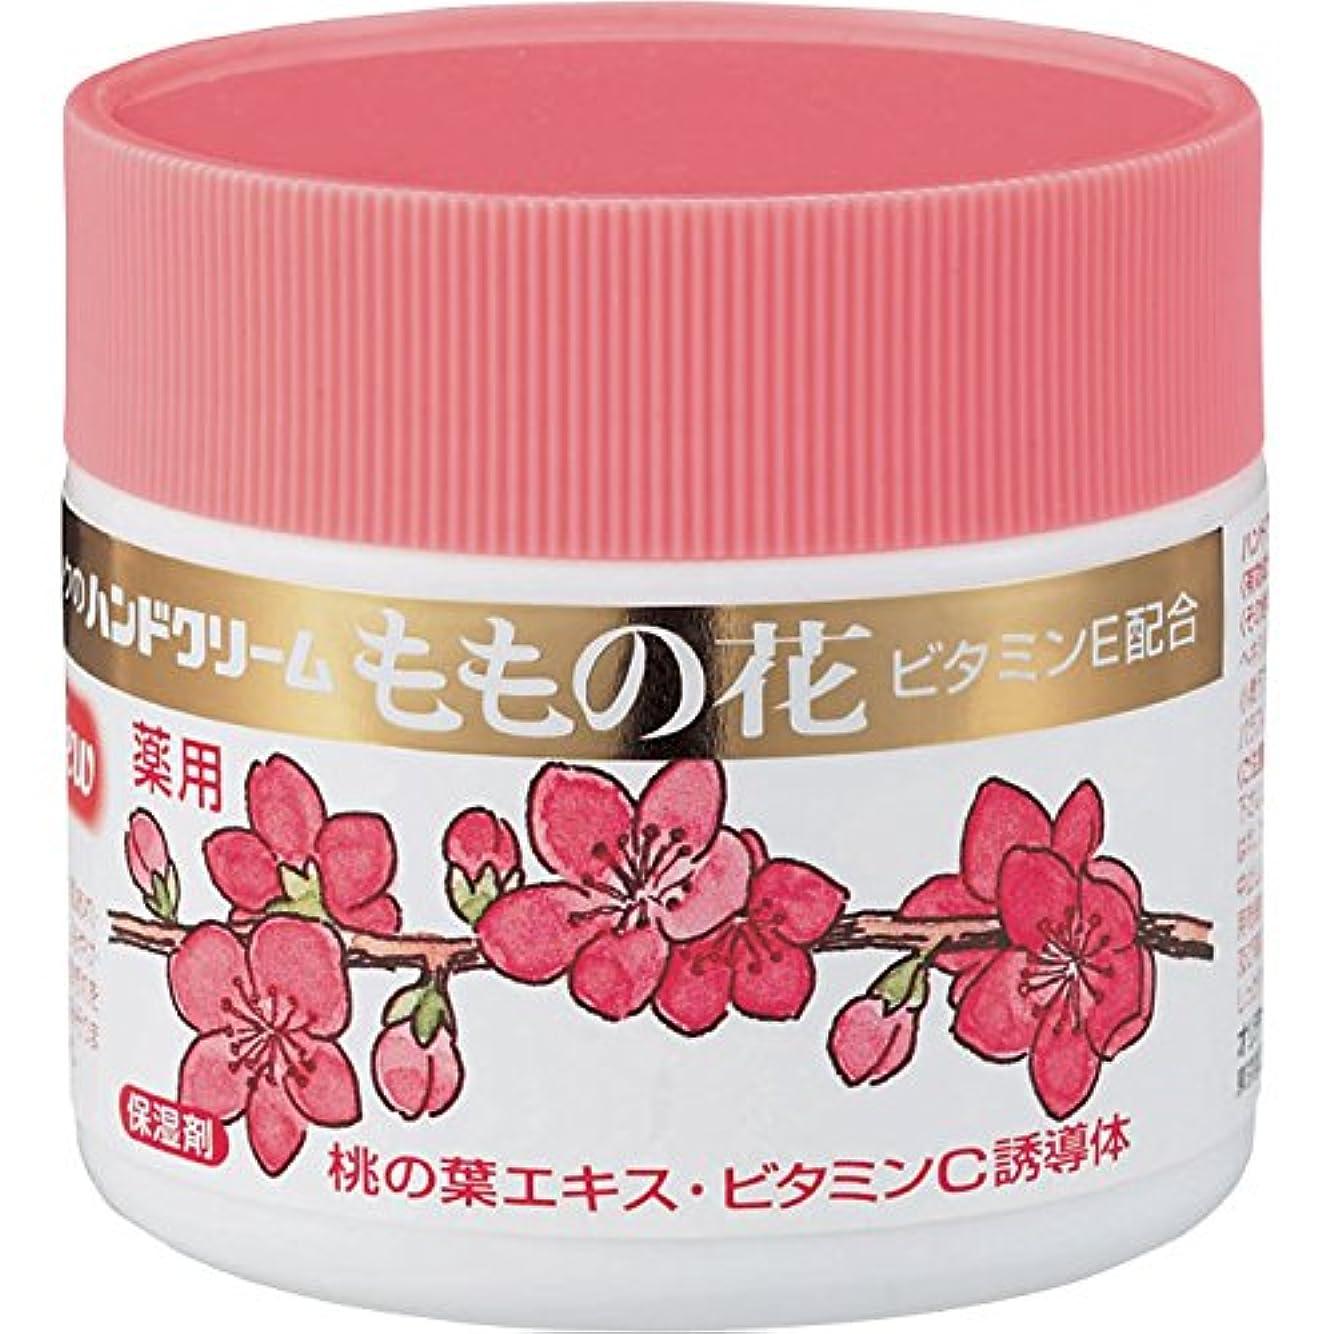 脇に織るパンチオリヂナル ハンドクリーム ももの花C 70g(医薬部外品)